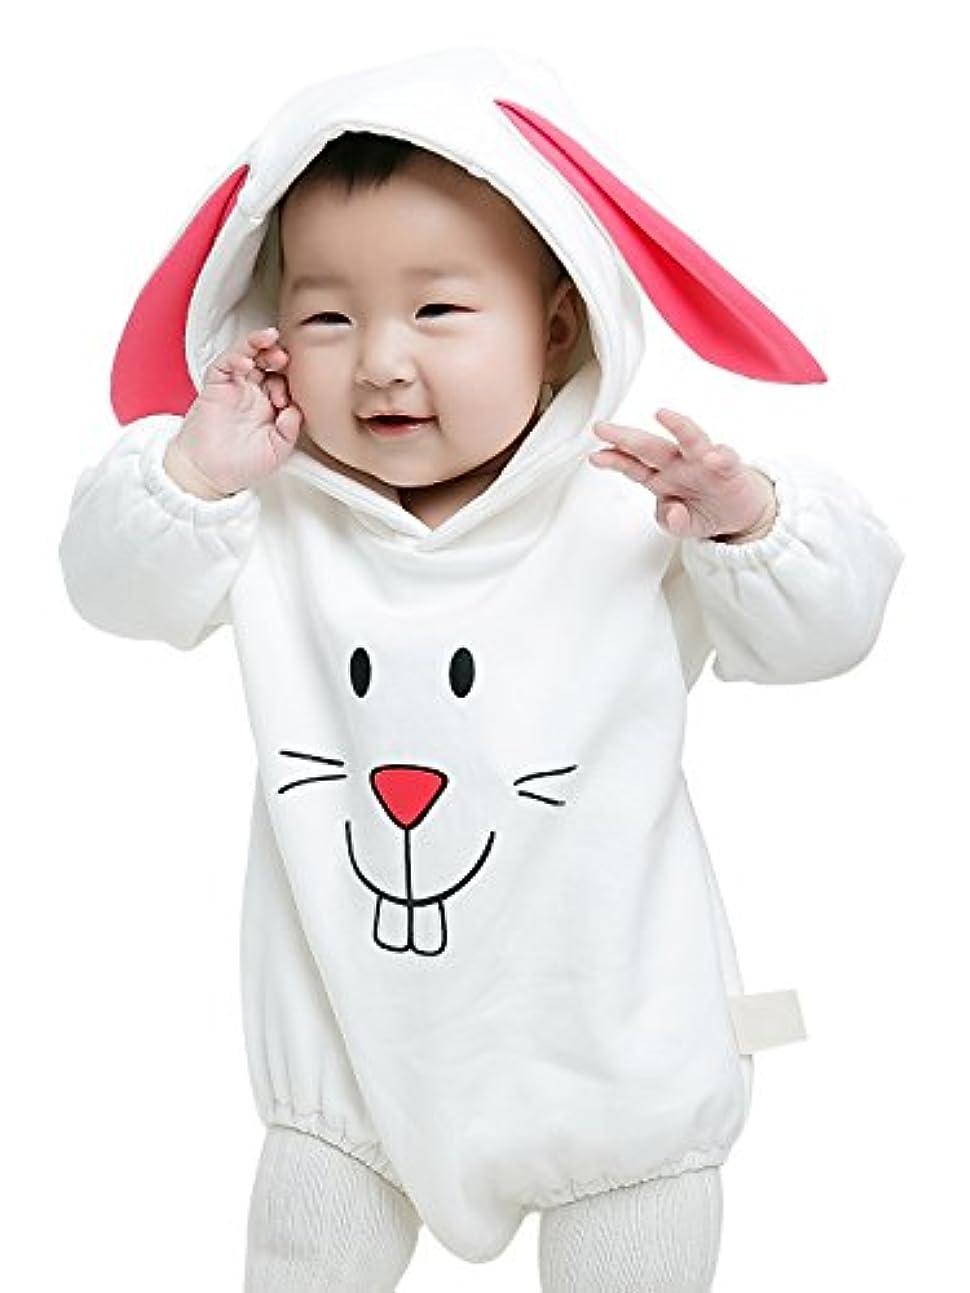 手伝う砂漠微生物(コ-ランド) Co-land ベビー服 可愛い ウサギ ロンパース カバーオール 長袖 フード付き 柔らかい コスチューム 着ぐるみ 赤ちゃん 男女兼用 100